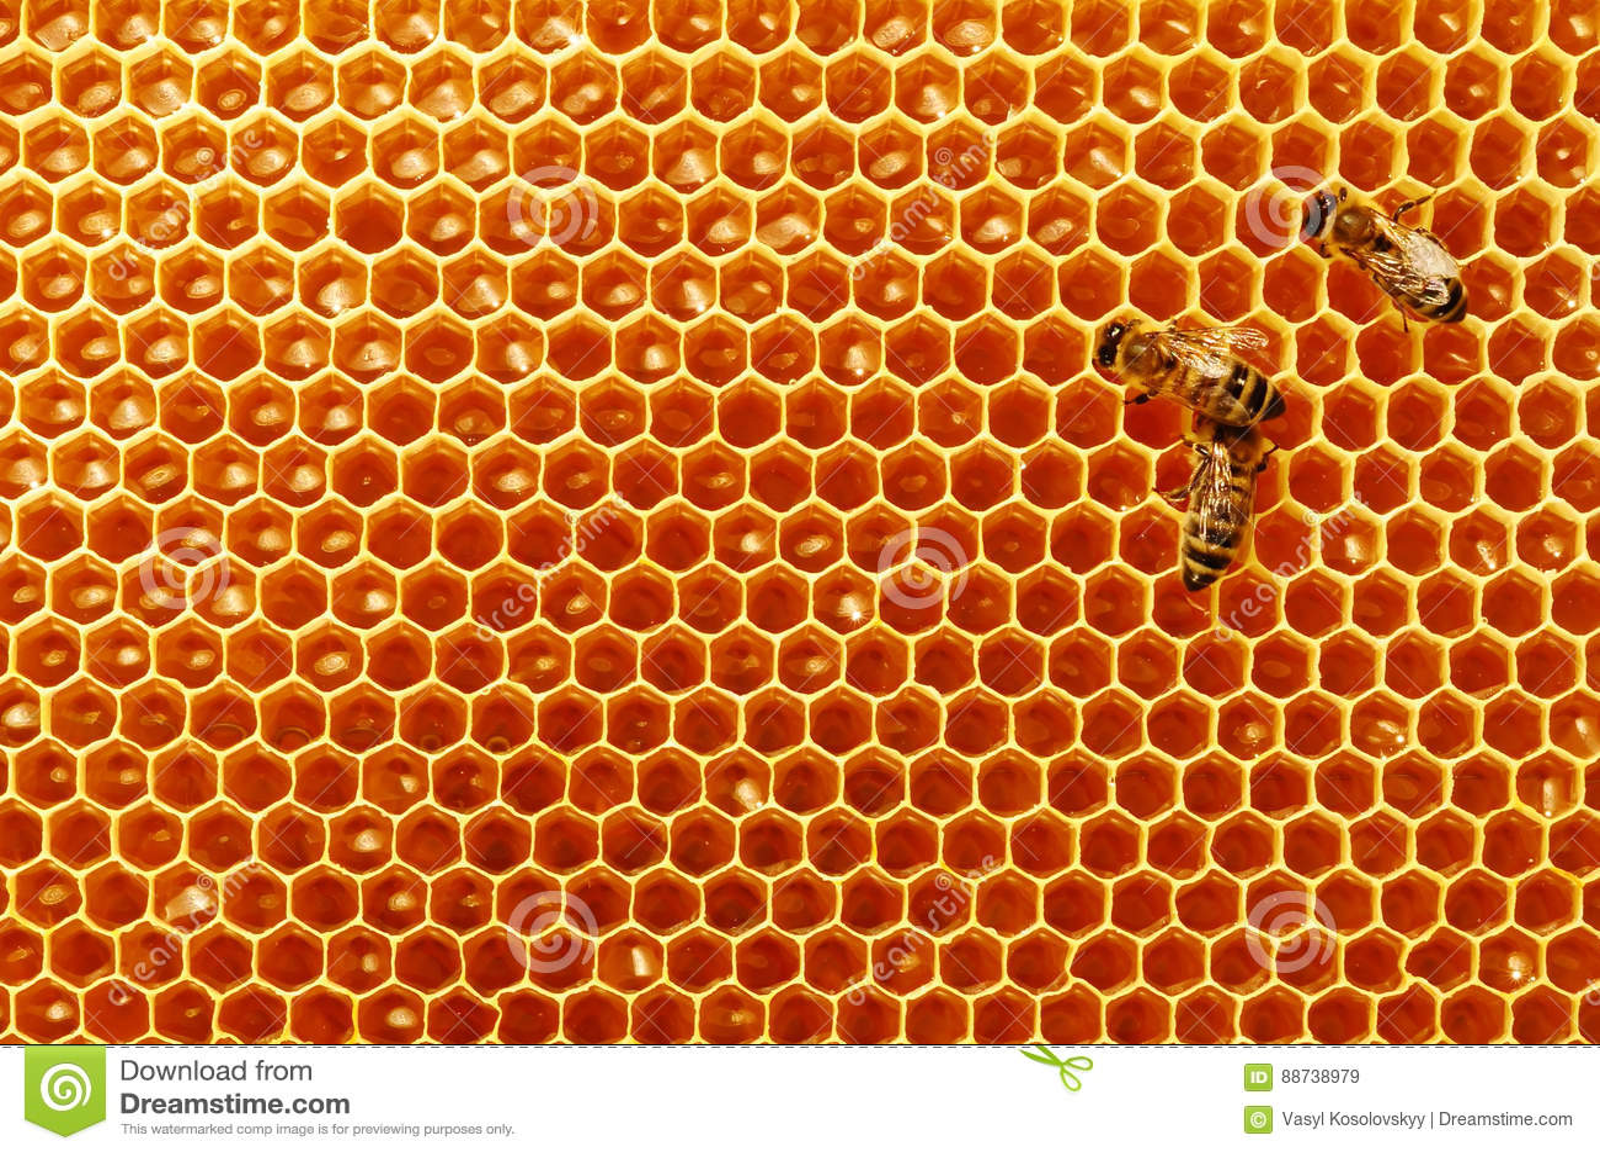 Соты пчелы с медом и пчелами Apiculture